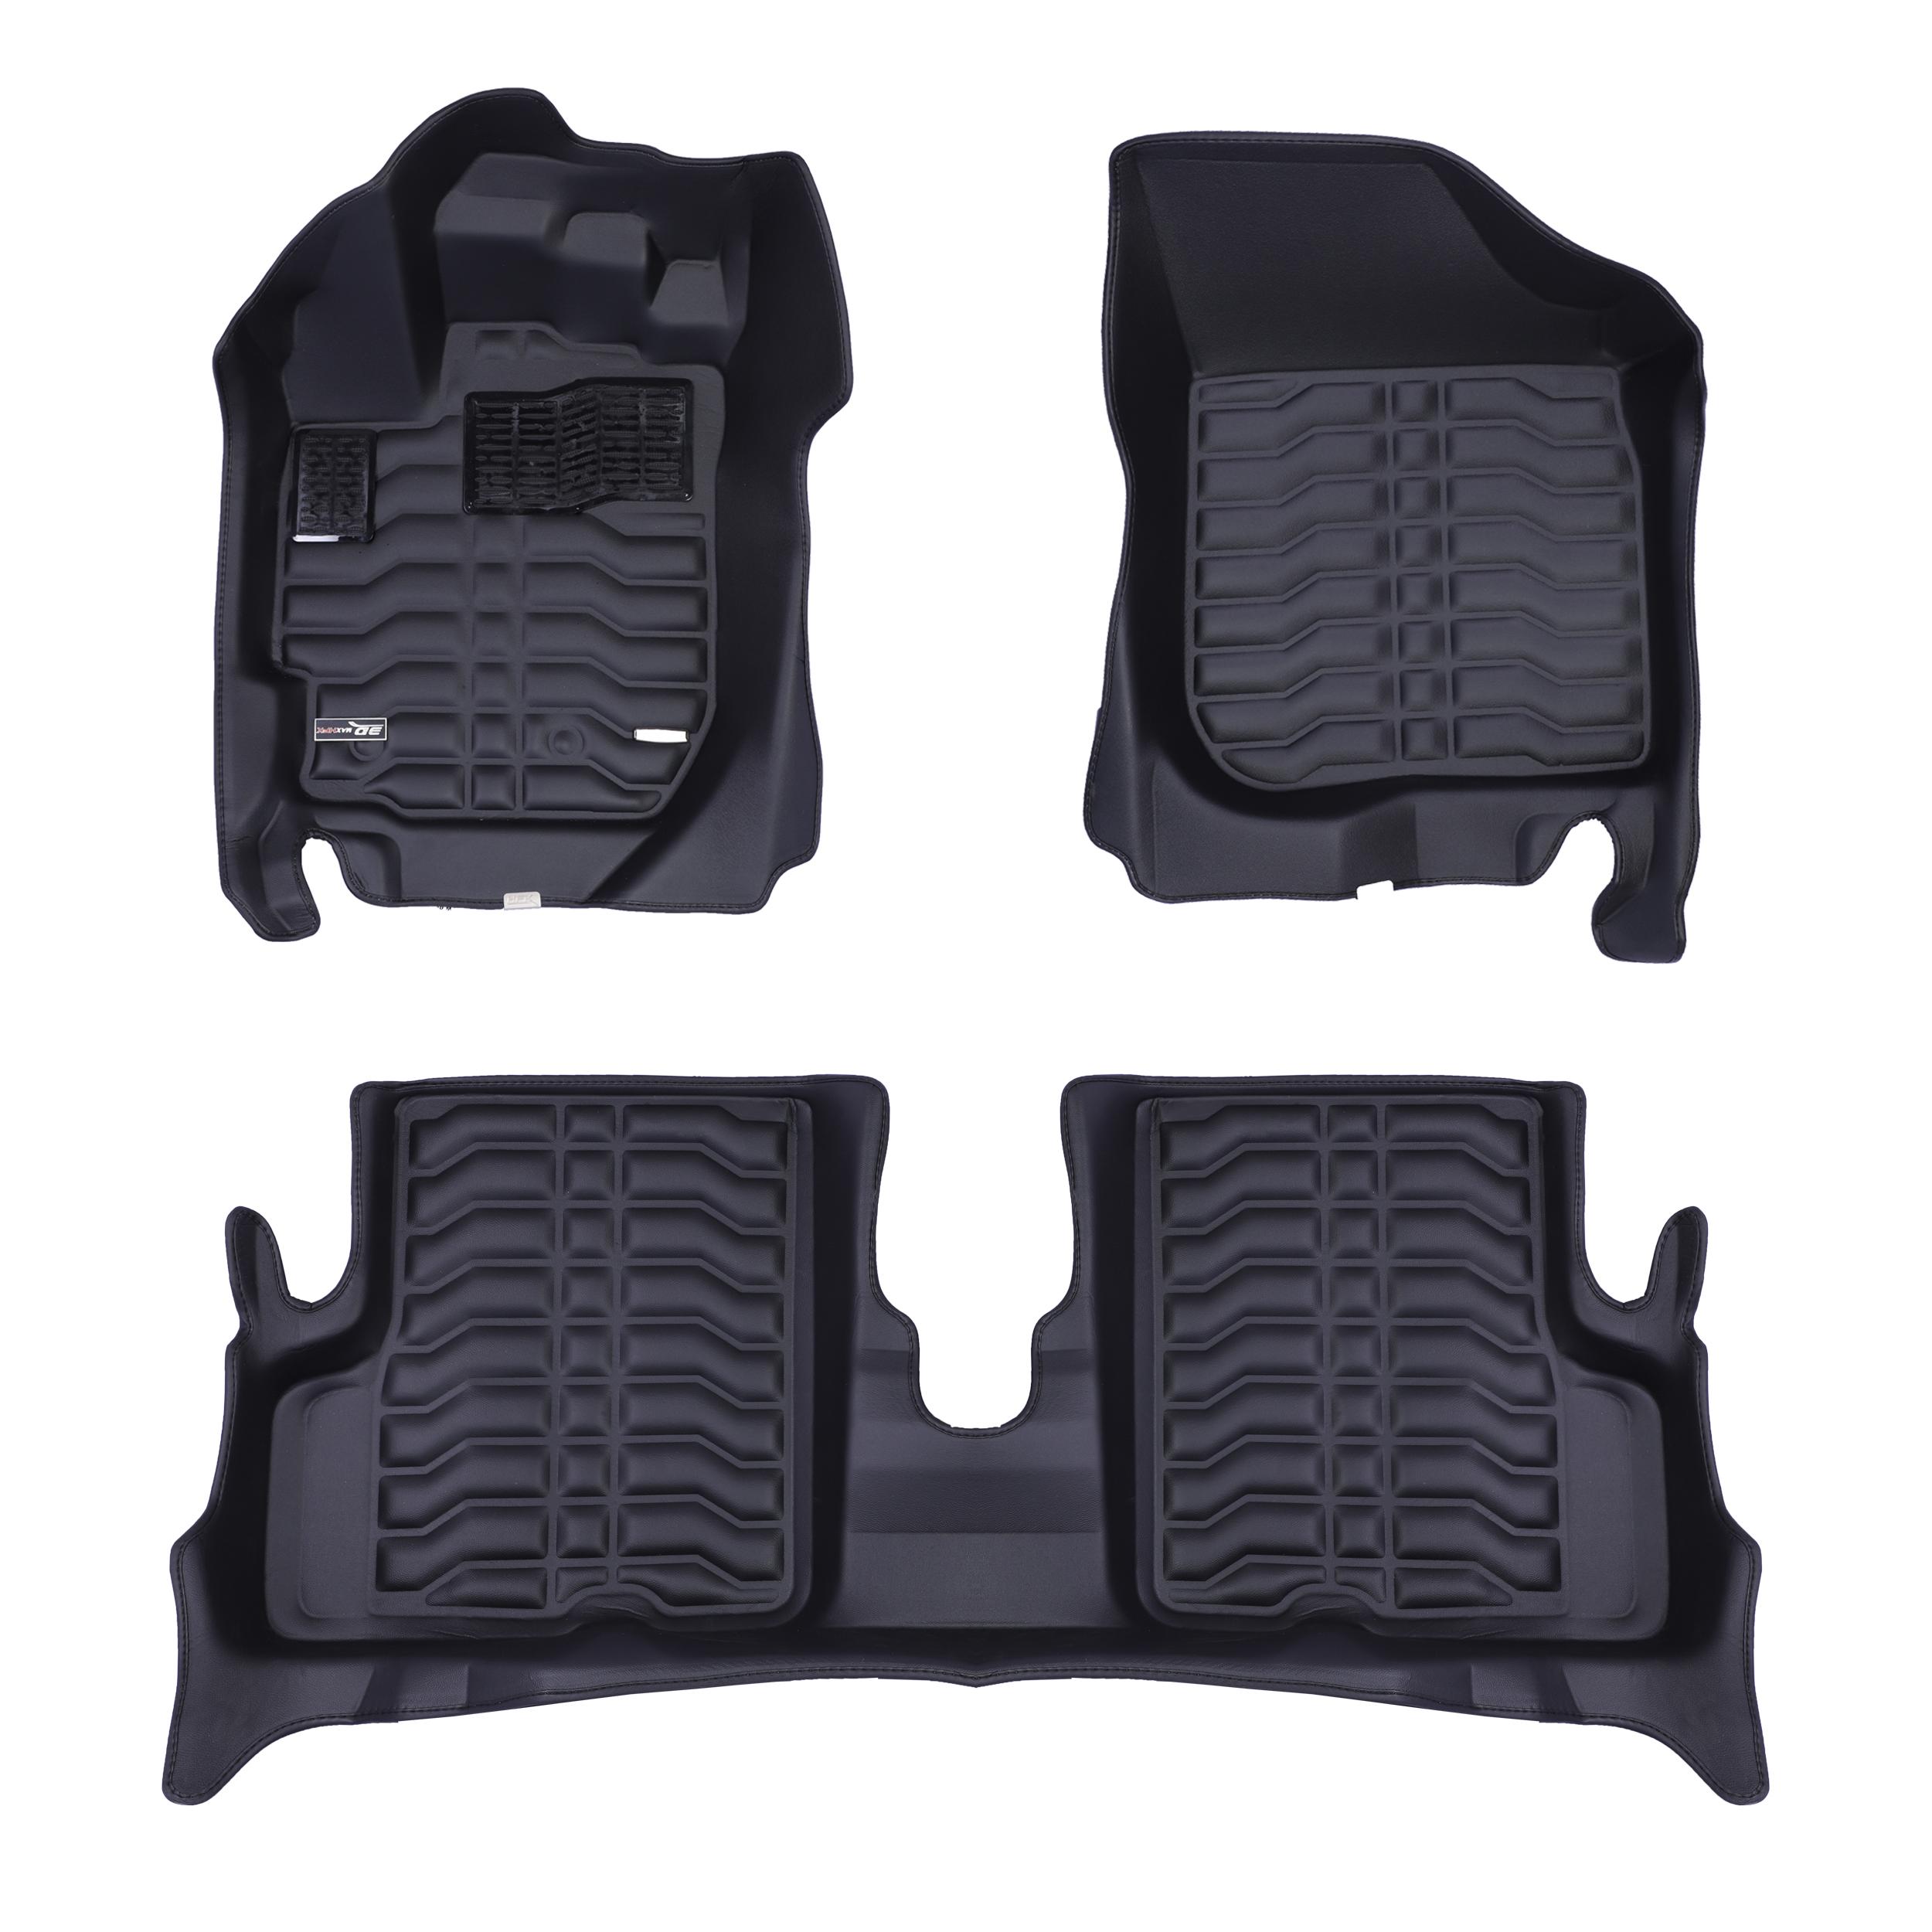 کفپوش سه بعدی خودرو اچ اف کی مدل HS12003 مناسب برای رنو داستر